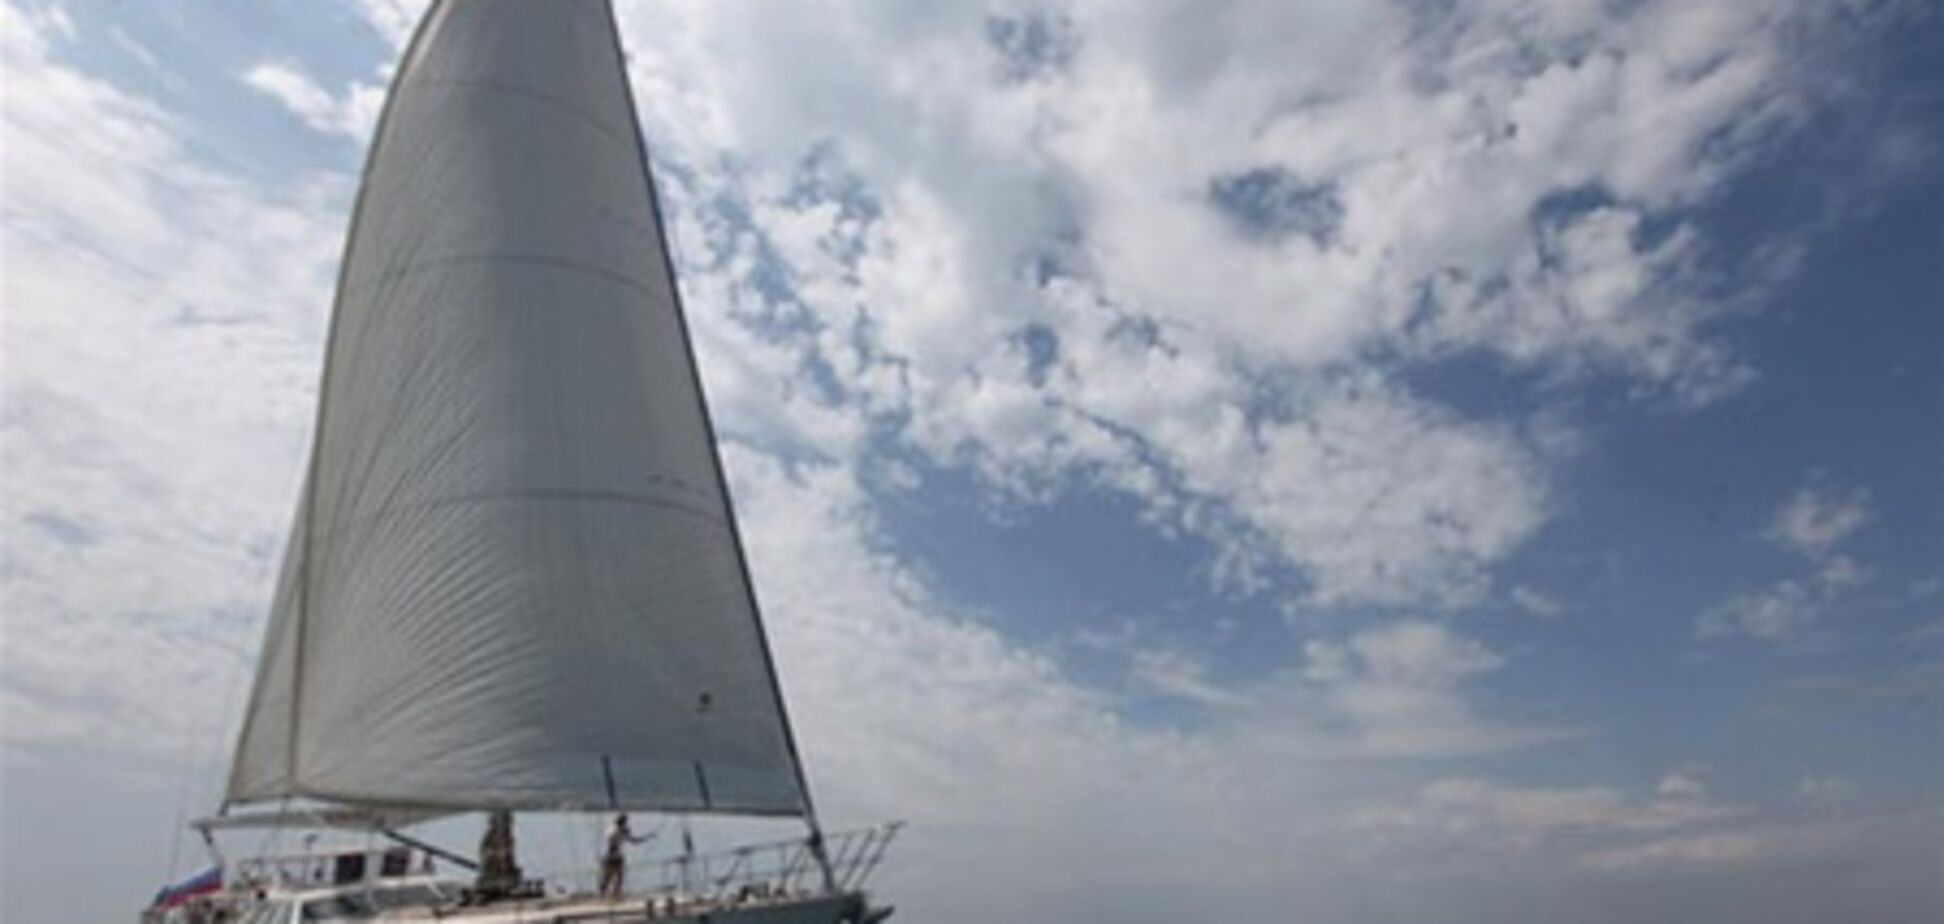 Экипаж яхты с украинцами на борту, пропавшей в Антарктиде, вышел на связь